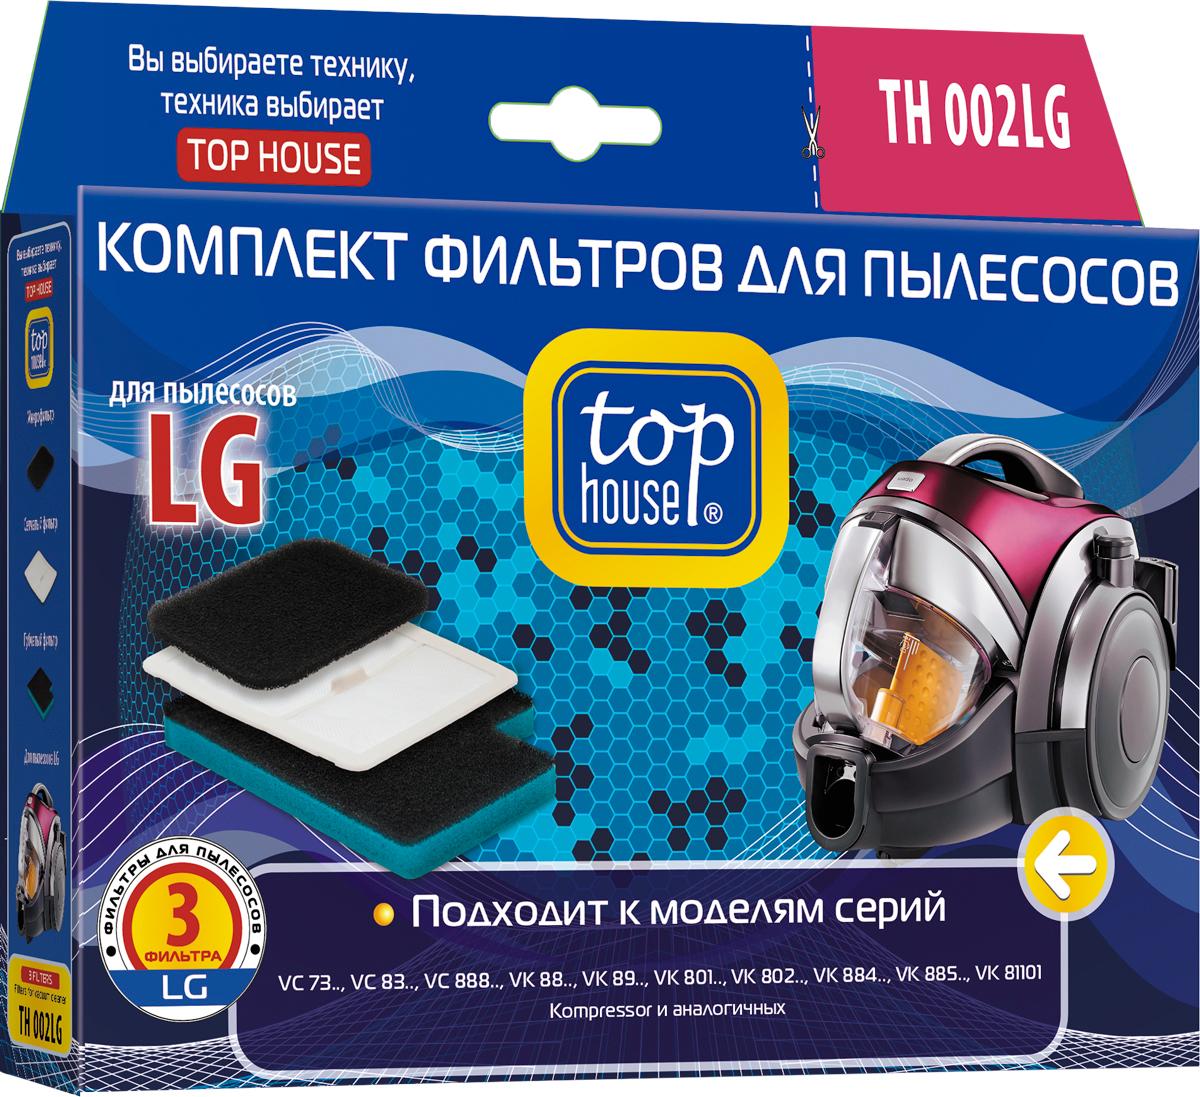 Top House TH 002LG комплект фильтров для пылесосов LG, 3 шт бизнес книги vk